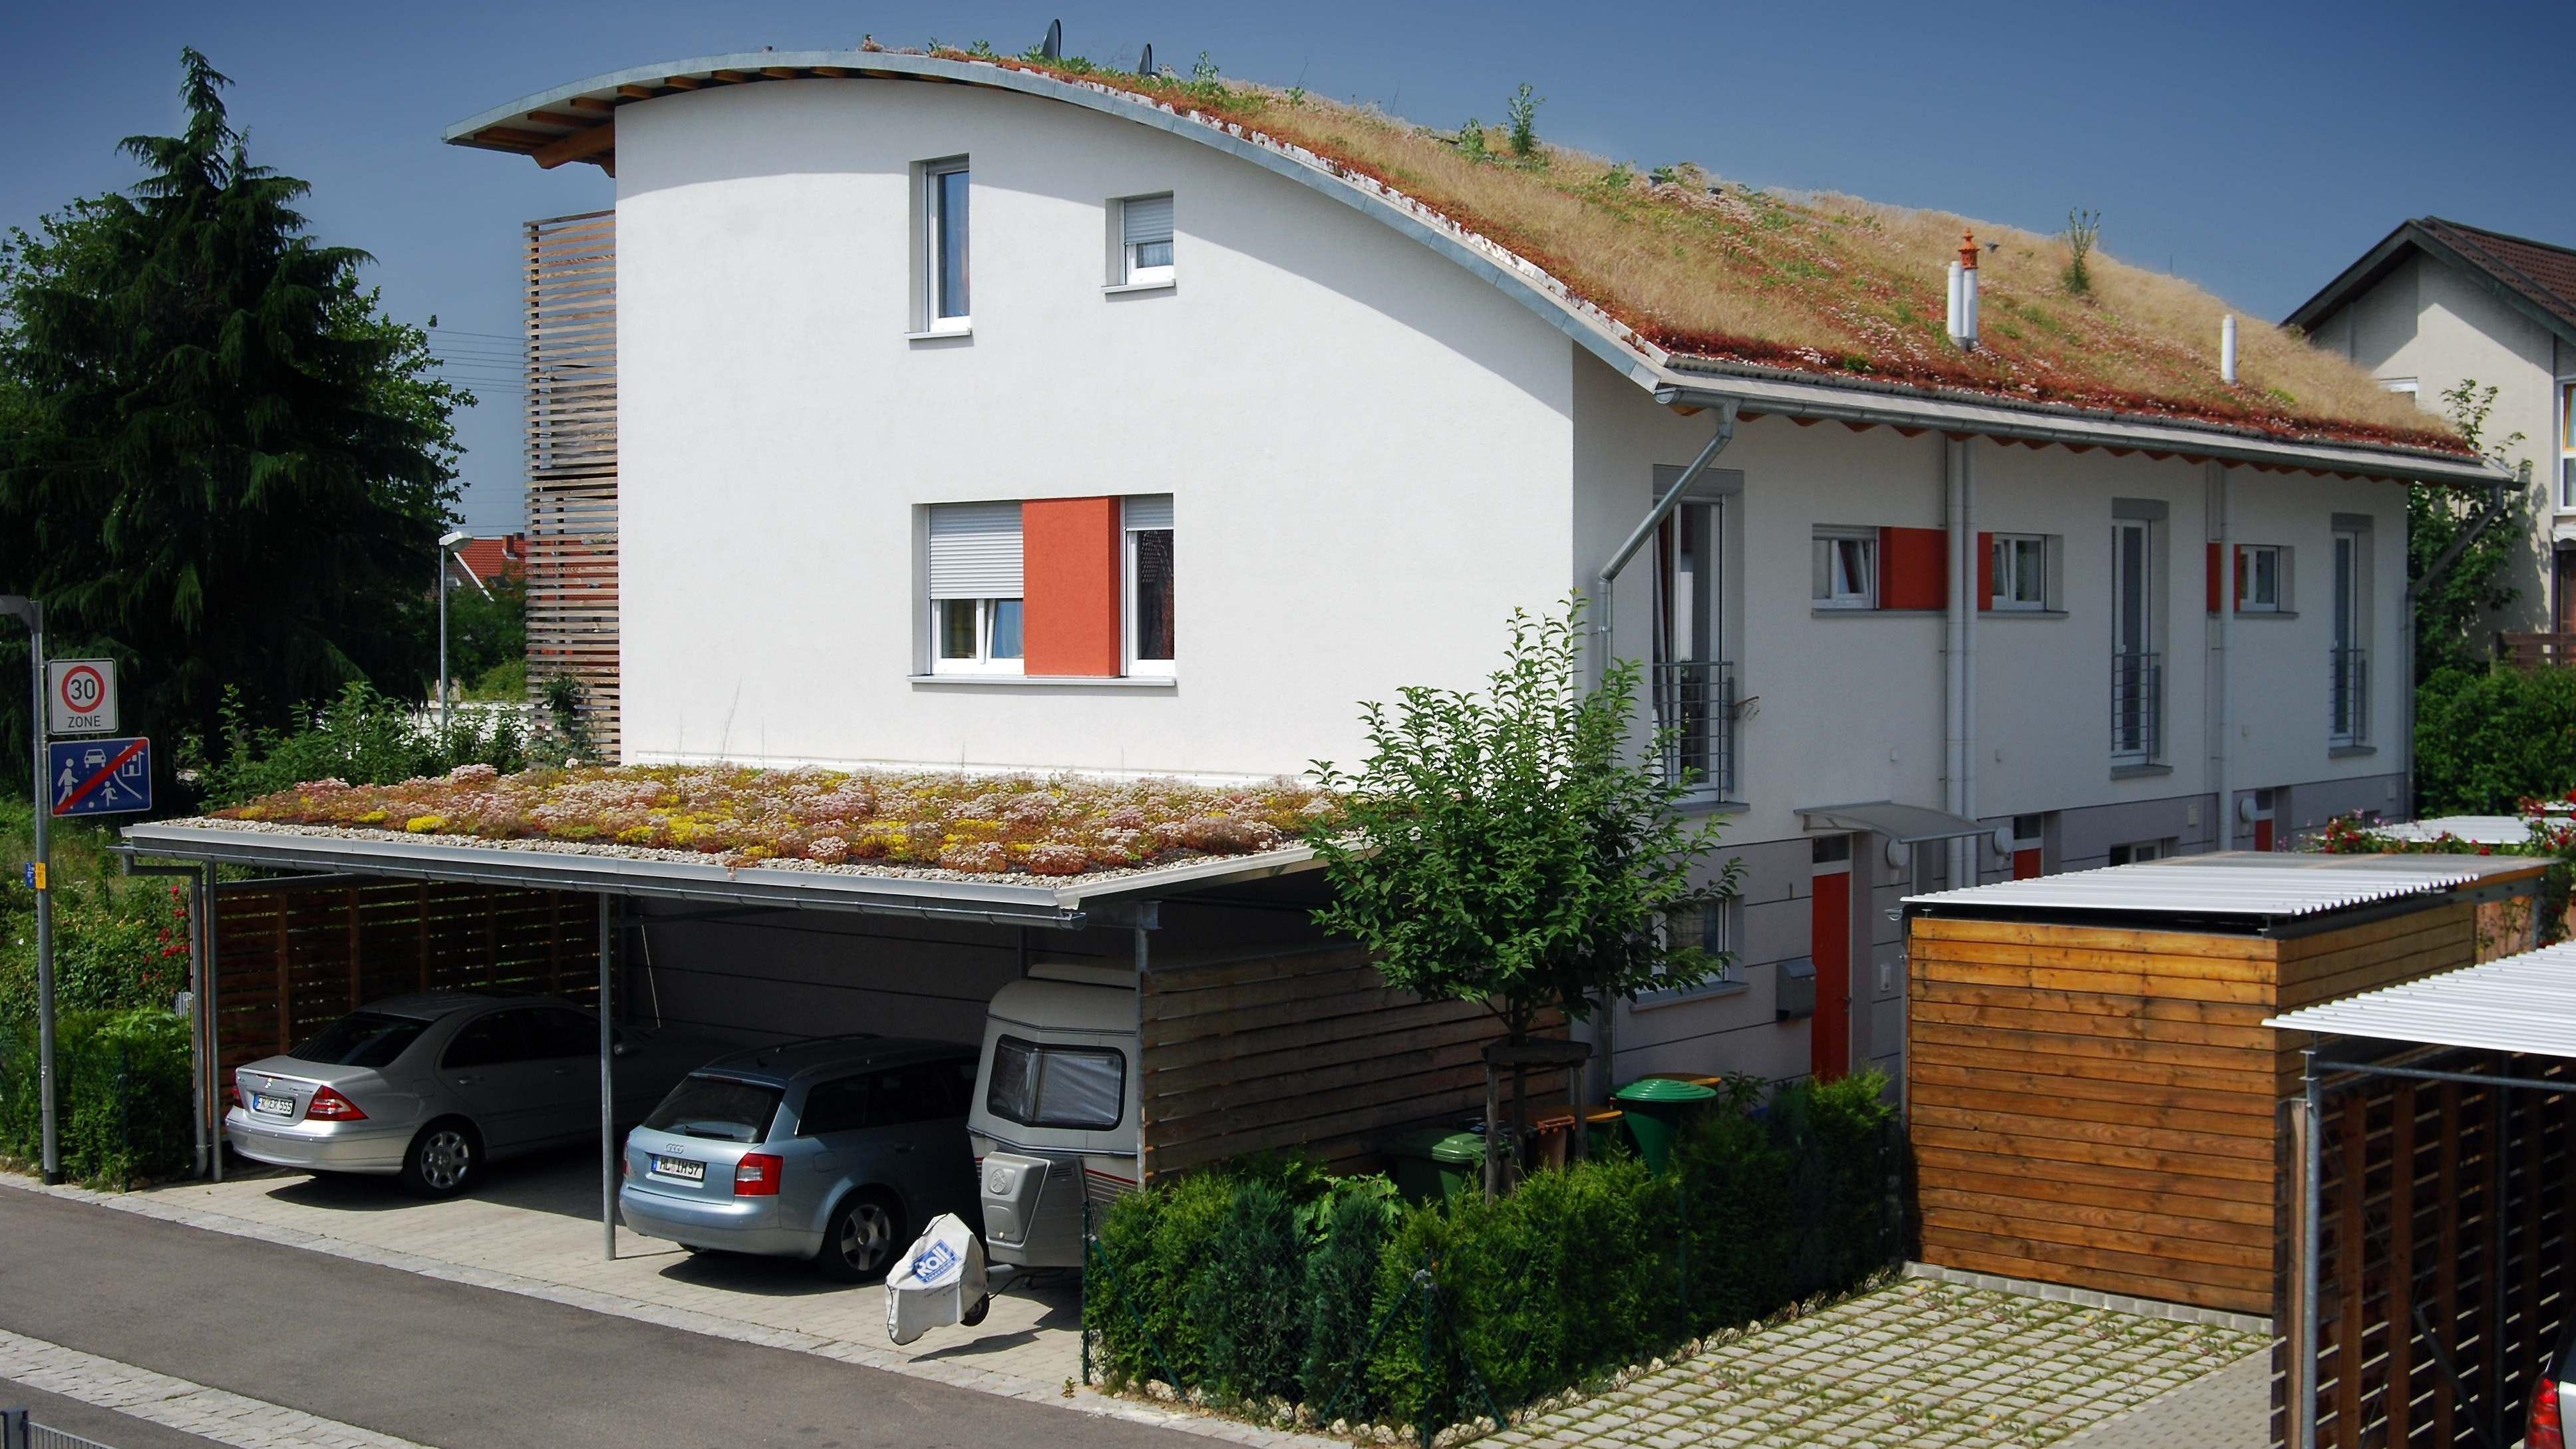 Grüne Welle fürs Klima: Die Stadt Lohne hat ein Förderprogramm für Gründächer und -fassaden sowie ein privates Regenwassermanagement aufgelegt. Foto: dpa/Optigrün